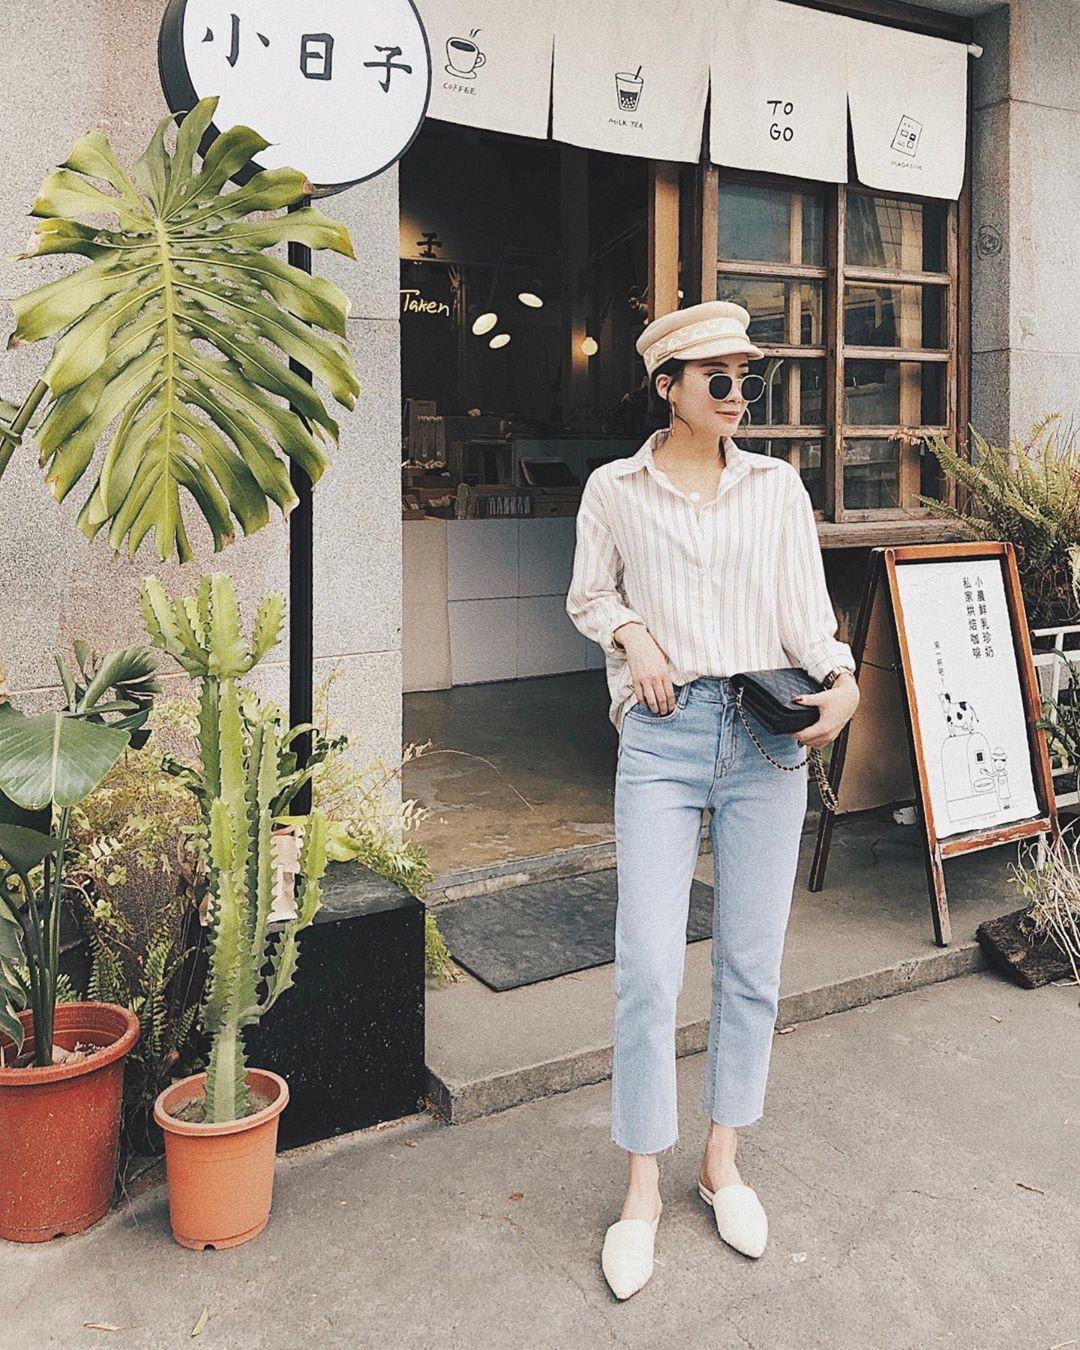 """Để tránh bị chê """"không ra thể thống gì"""" khi diện quần jeans đi làm, nàng công sở chỉ cần nhớ đúng 4 tips"""